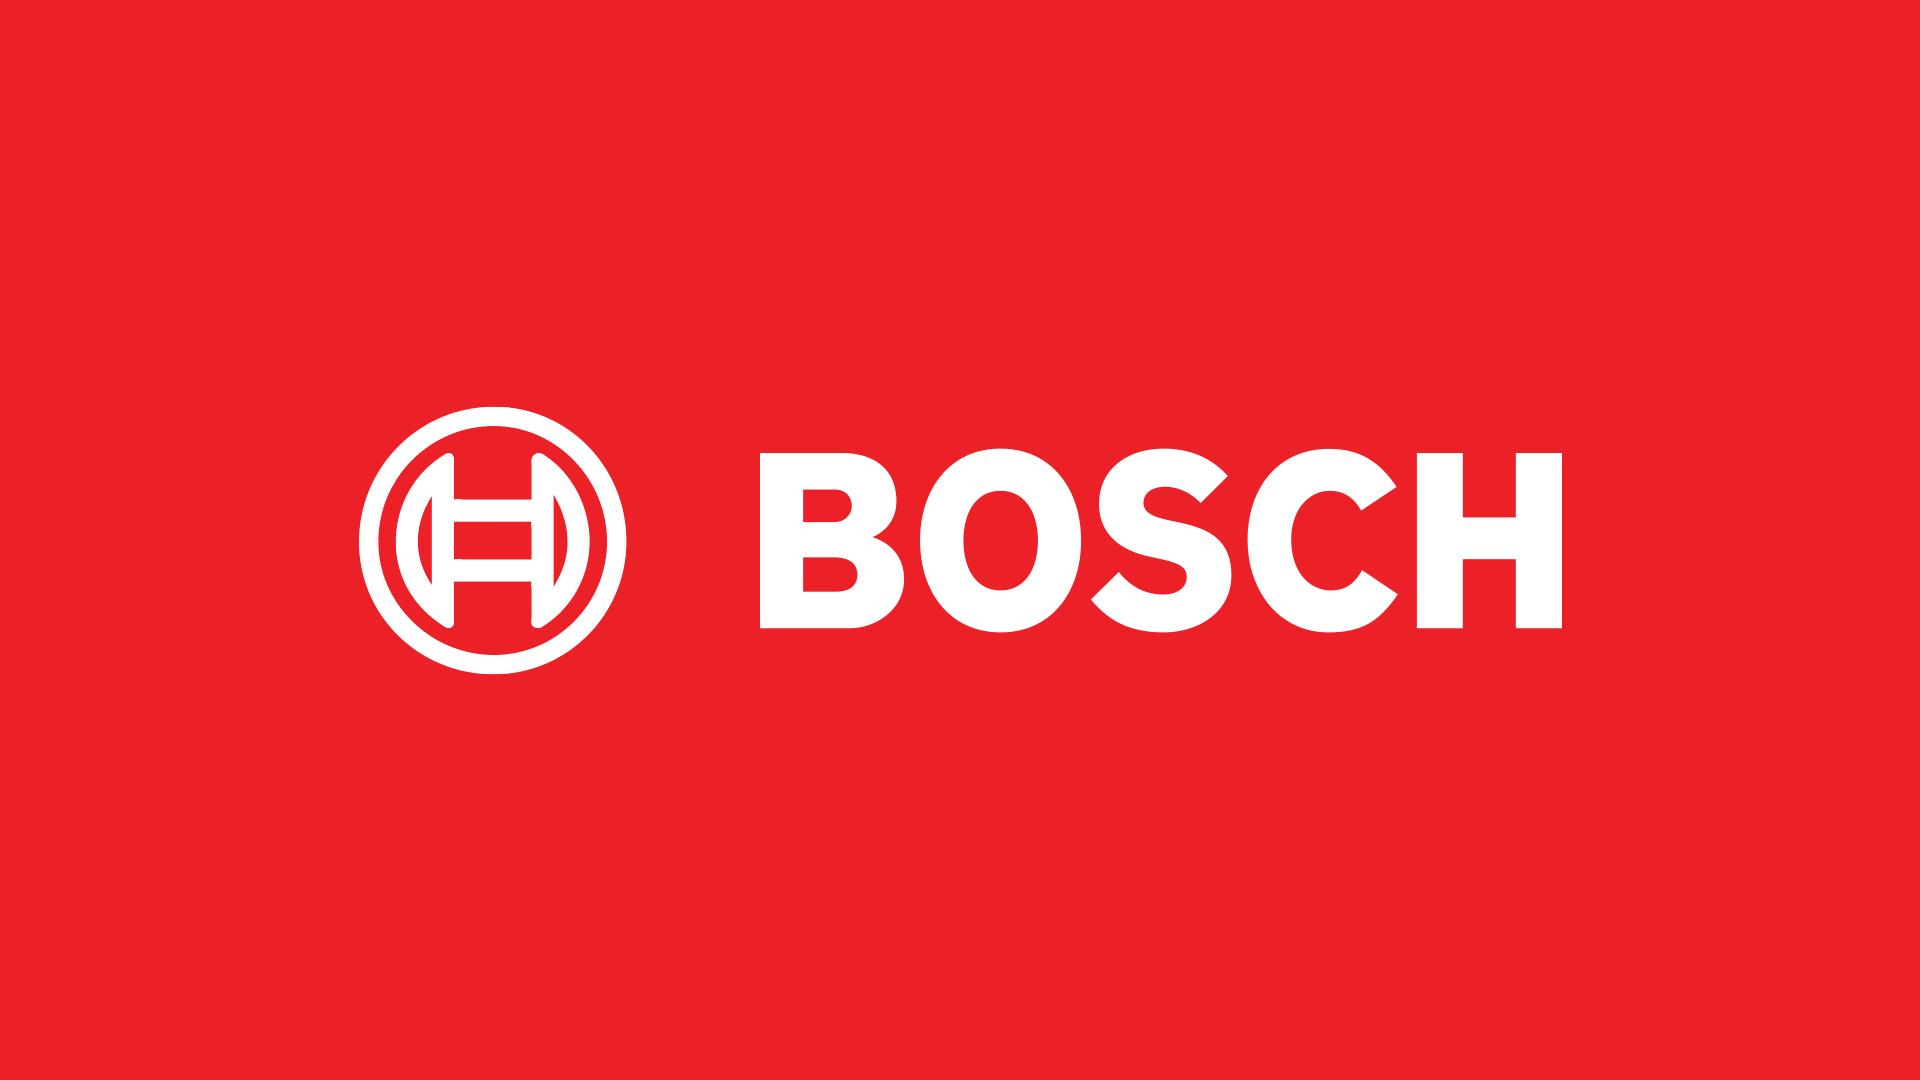 bosch-bg